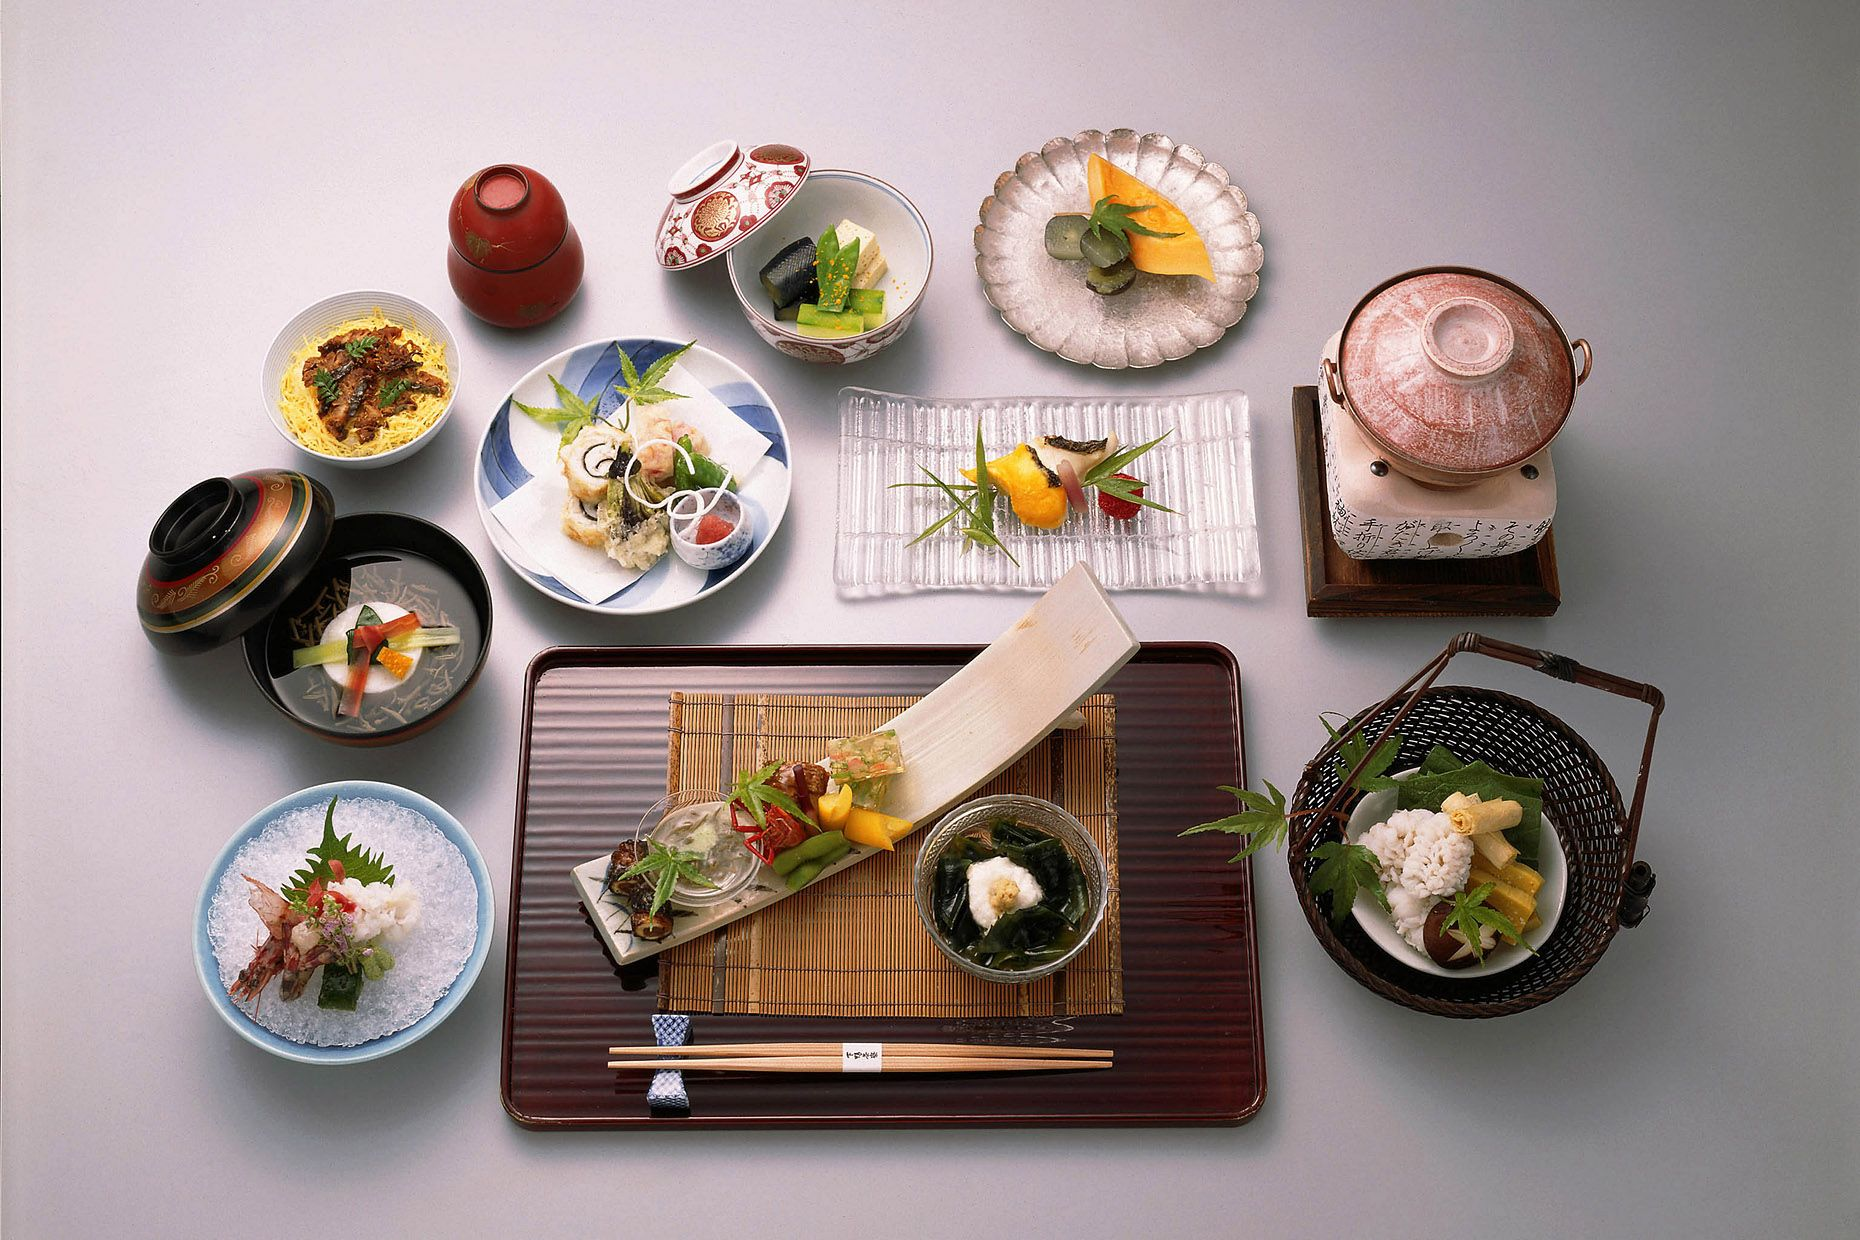 和食 Washoku (Traditional Japanese Dishes)